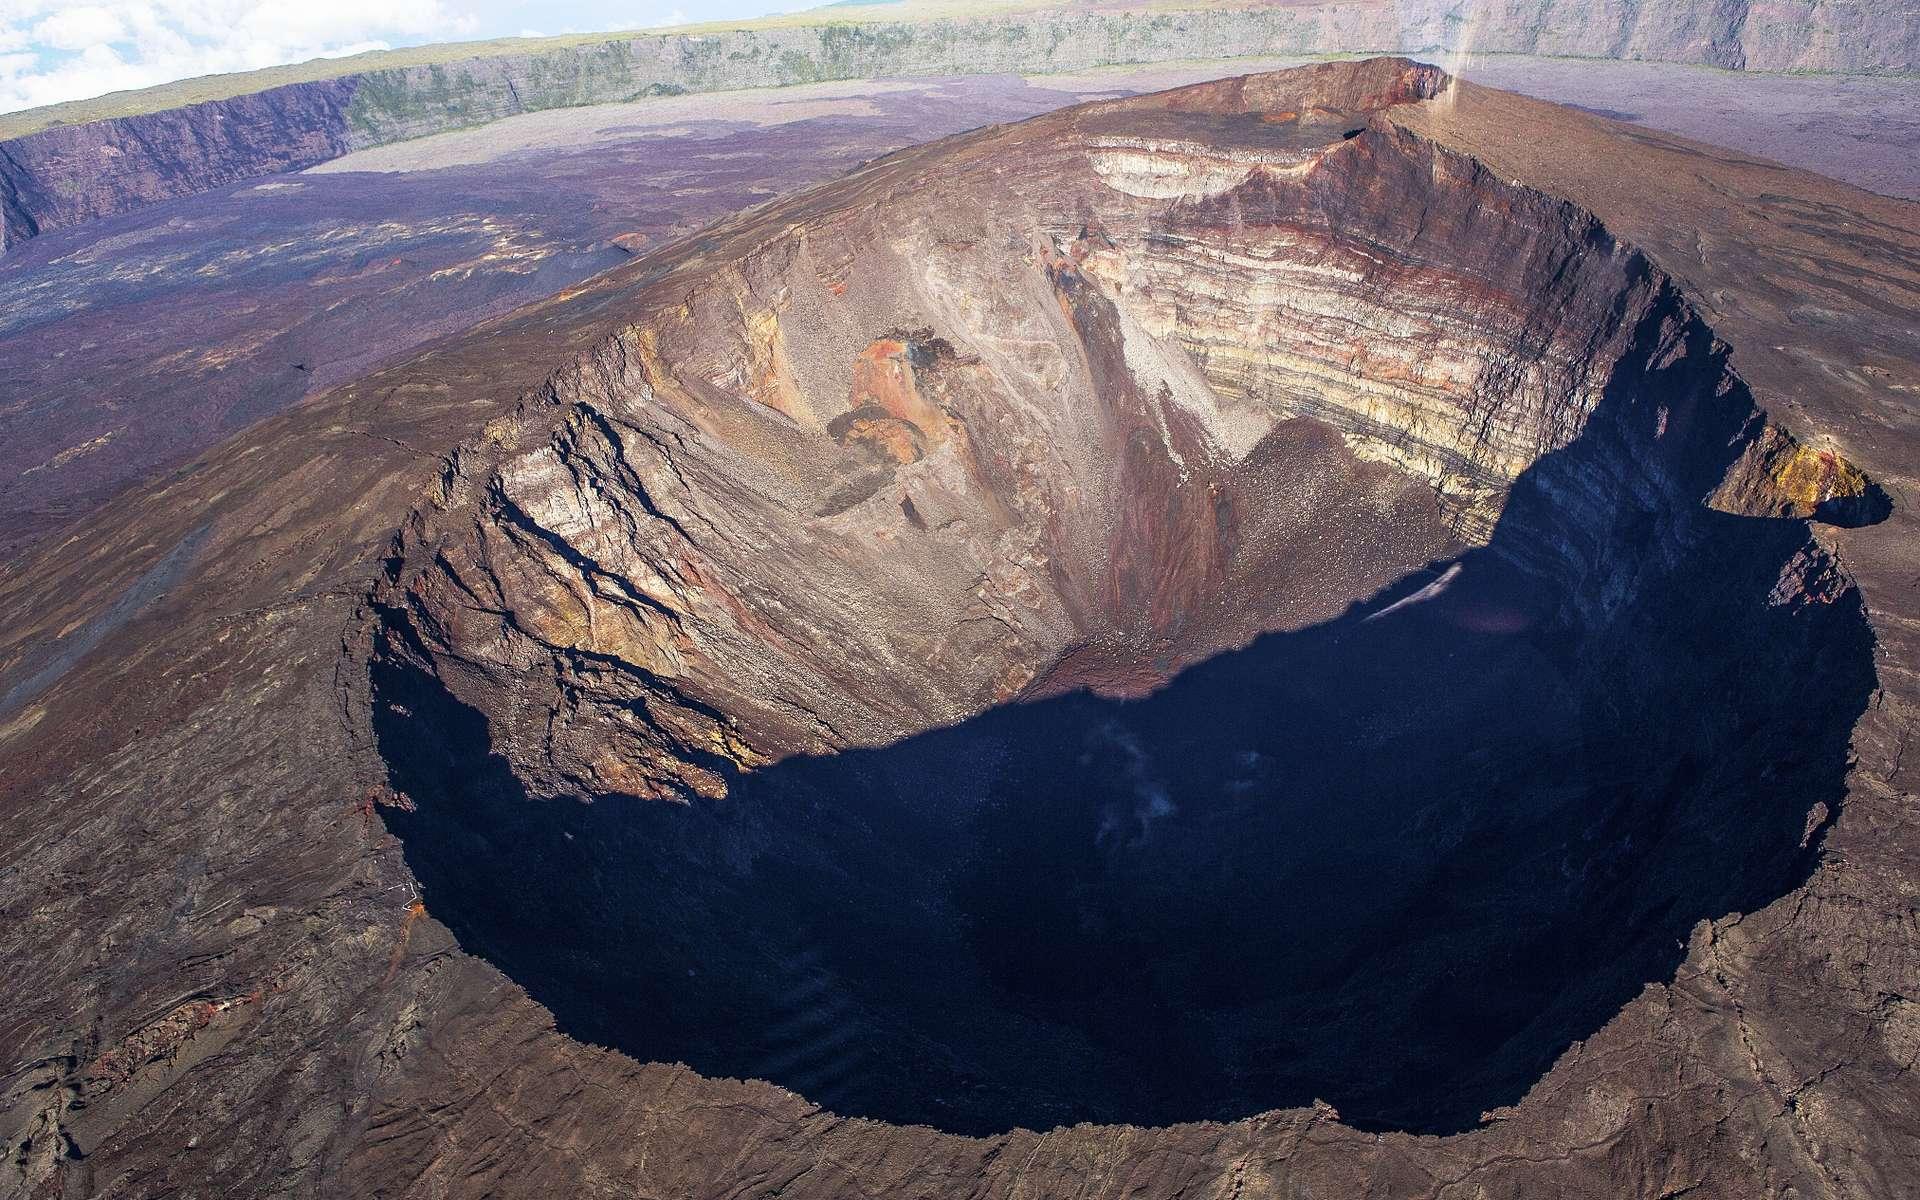 Le cratère Dolomieu, que l'on voit sur cette photo, est, avec le cratère Bory, l'un des deux cratères volcaniques situés au sommet du Piton de la Fournaise, à La Réunion. Comme les volcans d'Hawaï, le Piton de la Fournaise est un volcan de point chaud. Son activité est cependant moins intense que celle du Kīlauea mais on peut la comparer à celle de l'Etna, en Sicile. © photogolfer, Shutterstock